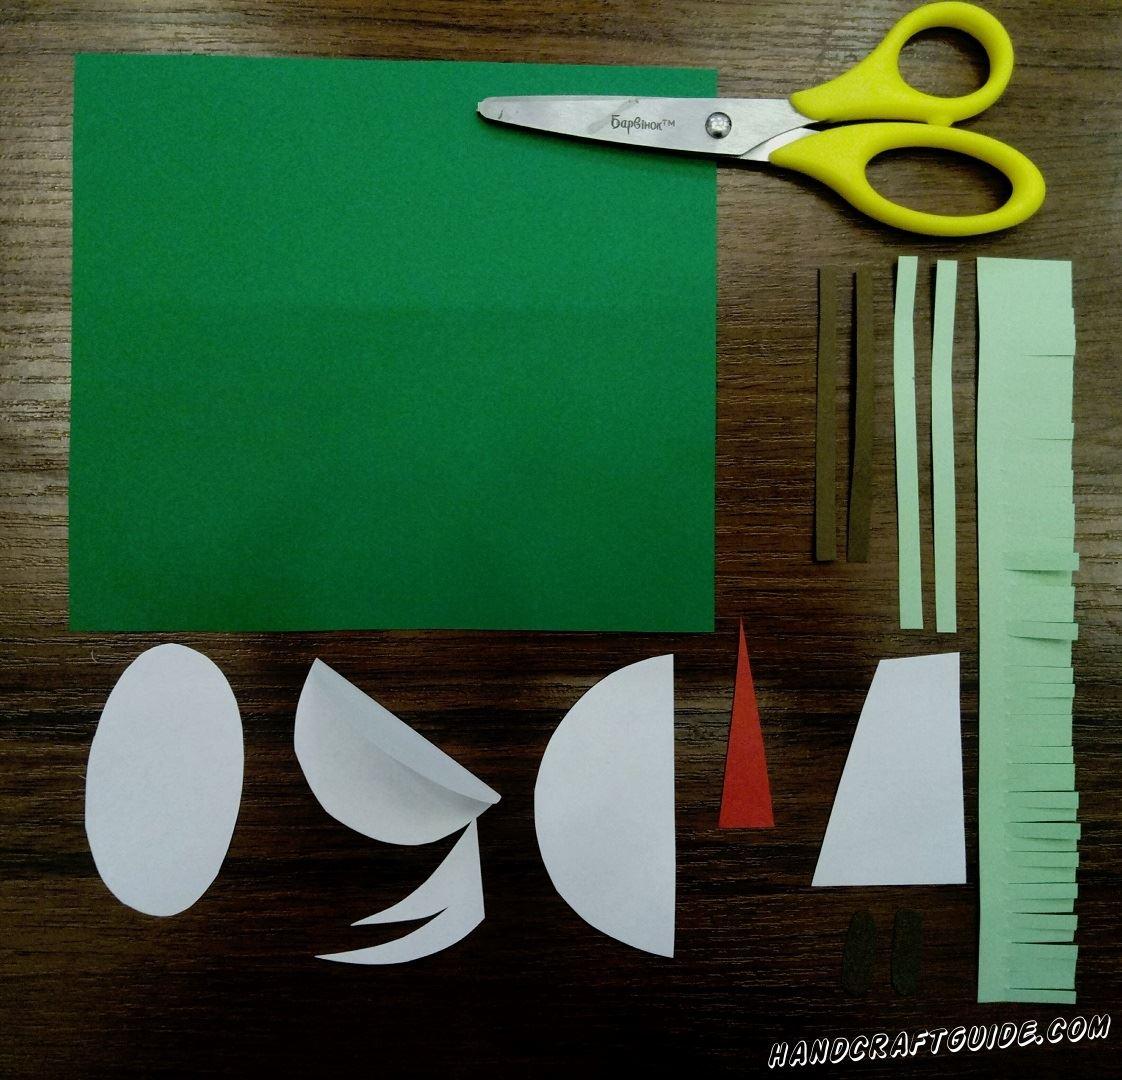 Начинаем мы, как всегда, с подготовки всех нужных на деталей. Из зелёной бумаги вырезаем большой квадрат, который далее будет служить нам фоном. Из бирюзовой бумаги вырезаем одну широкую (примерно 2,5 см в ширину) и 2 маленькие тонкие полосочки. Закончим подготовку тем, что вырежем маленькие красный и коричневый прямоугольники.